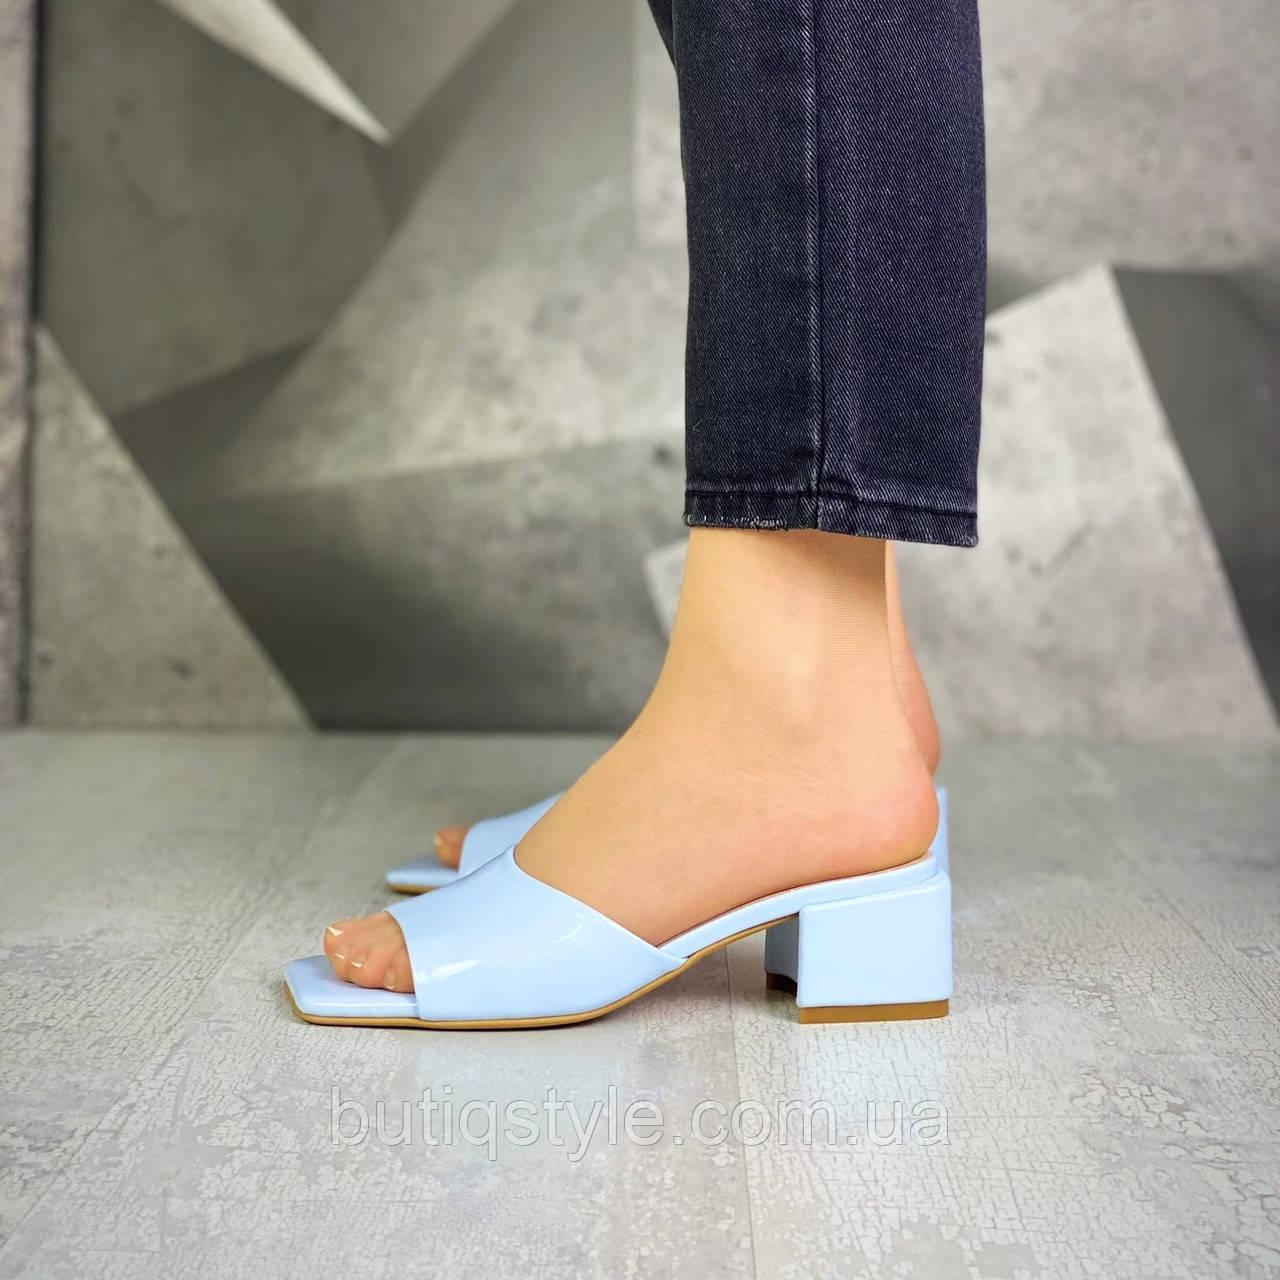 Женские небесно-голубые шлепки натуральная кожа на каблуке